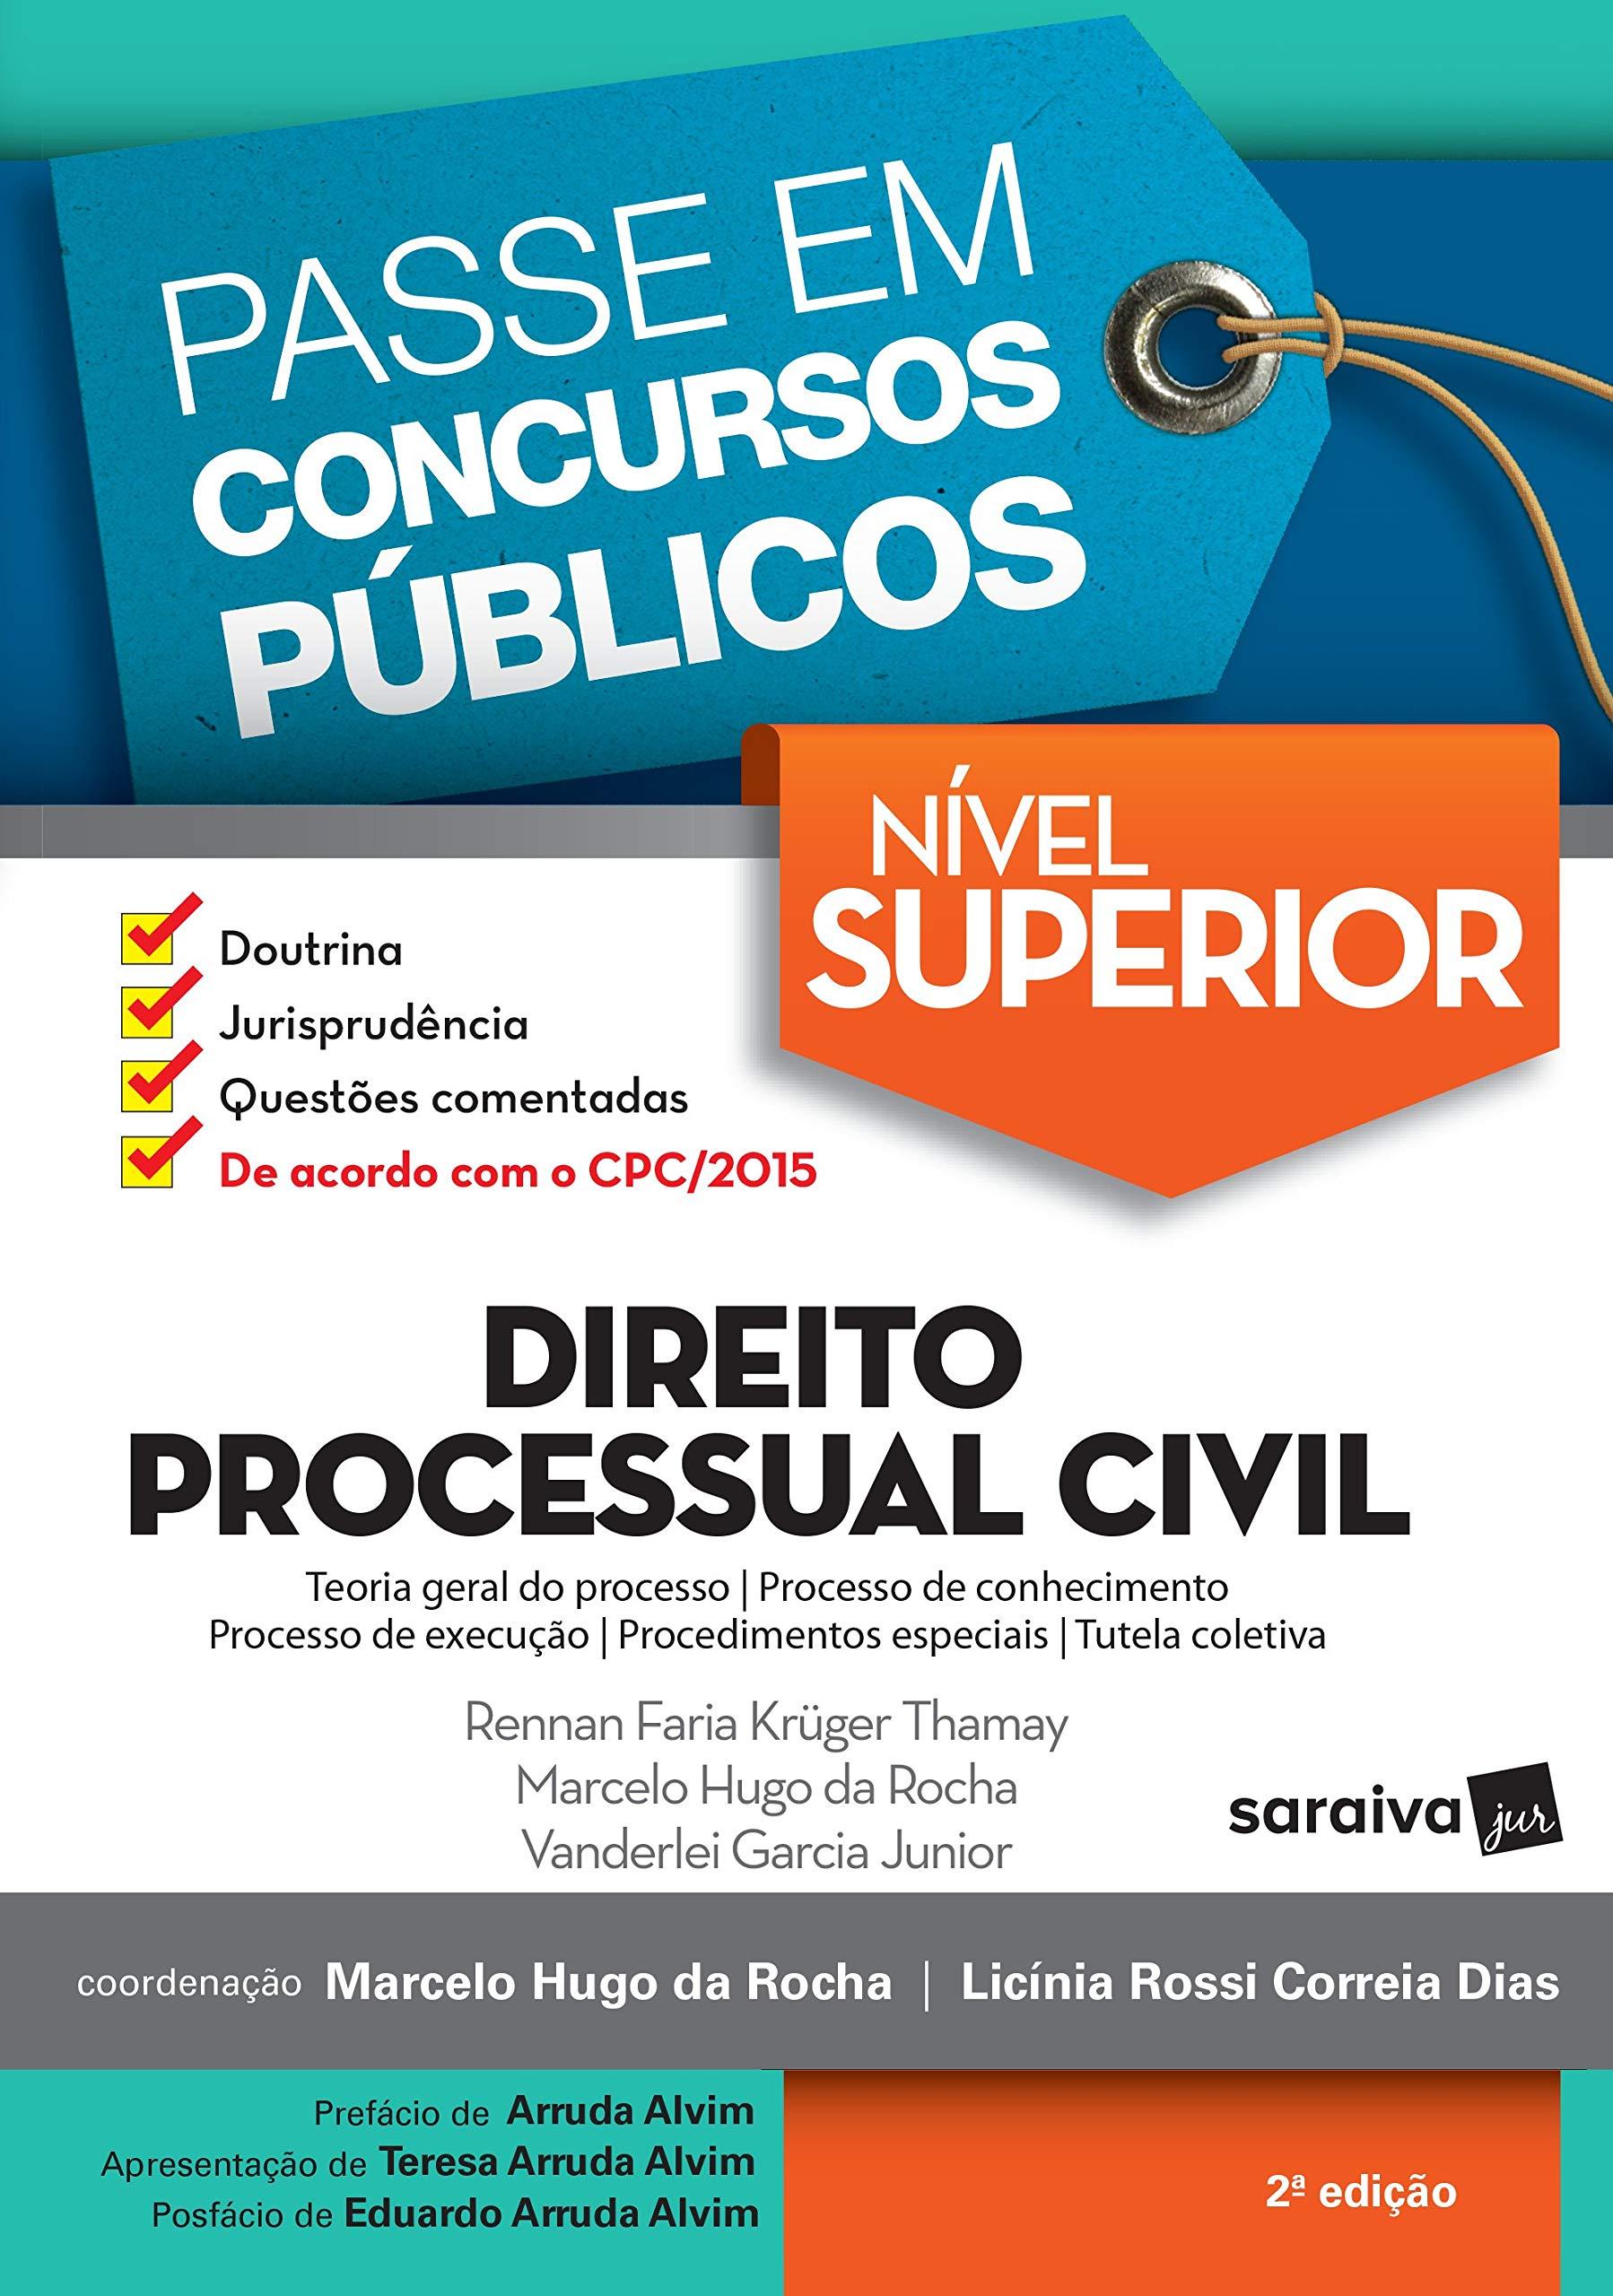 Direito Processual Civil 2ª Edição De 2017 9788547220594